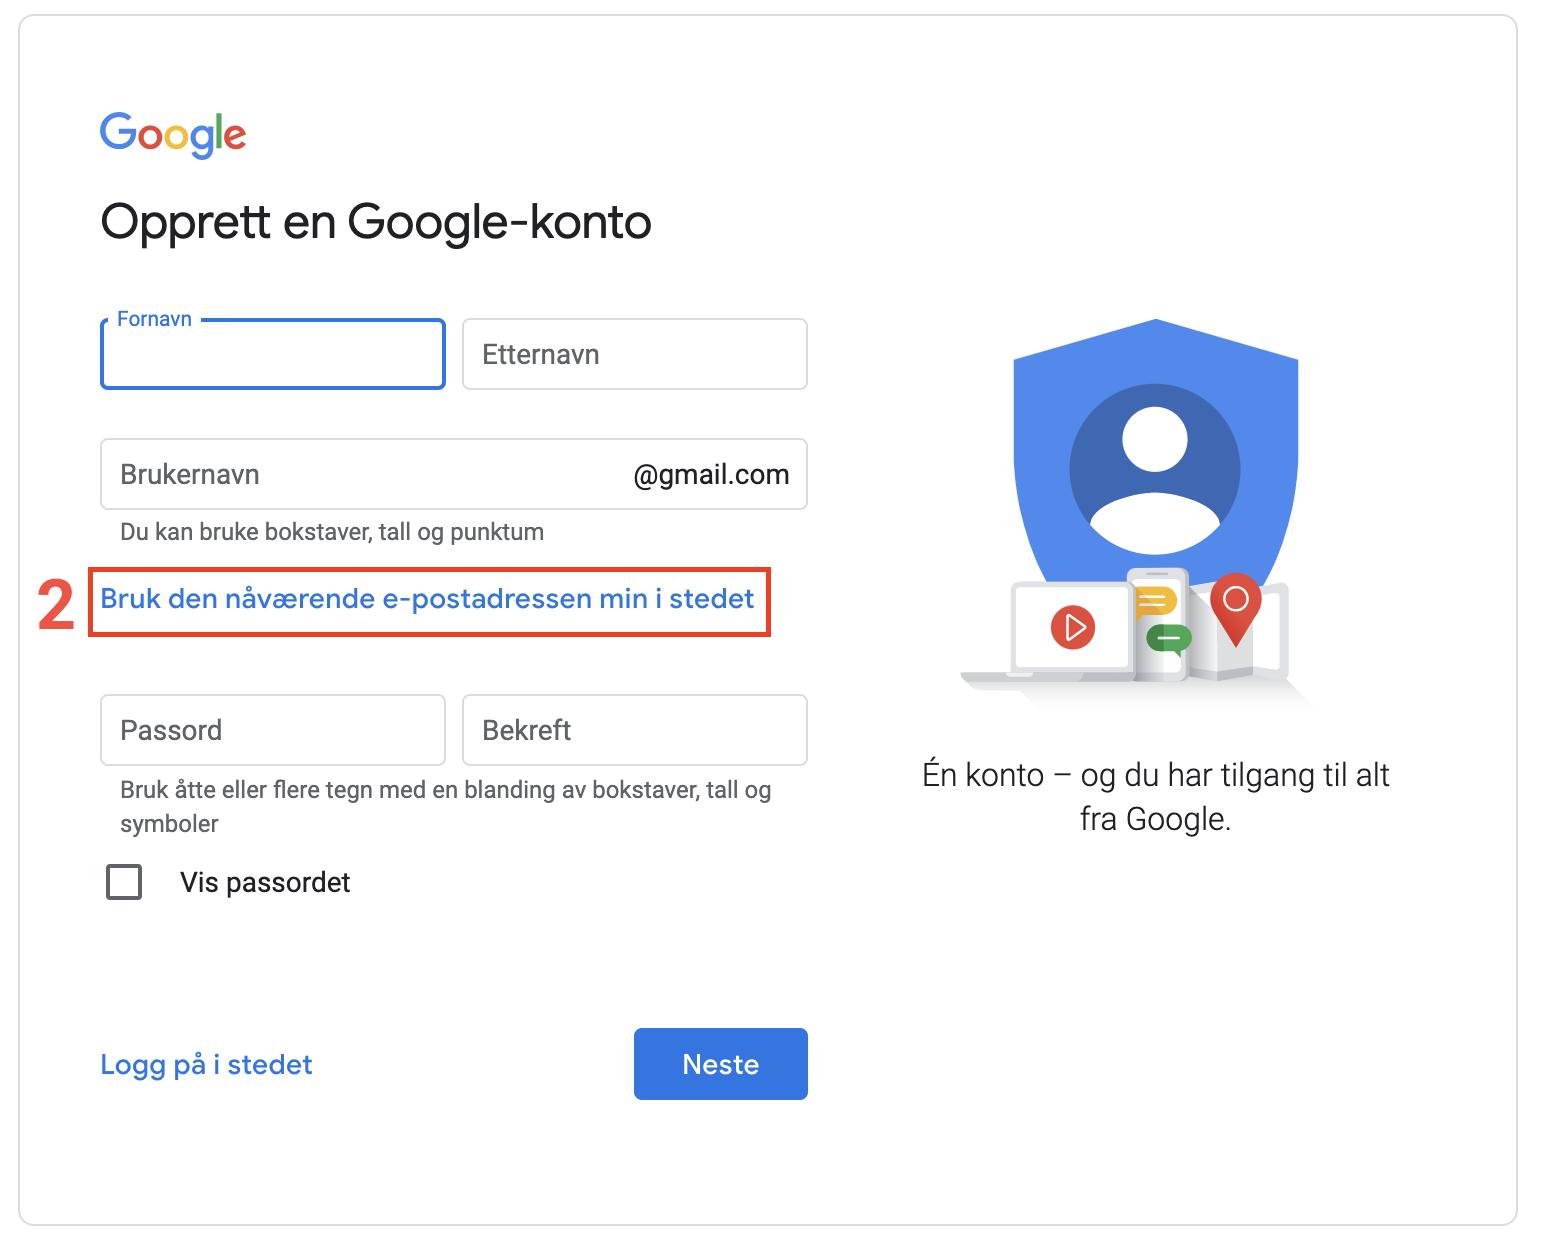 Opprettelse av Google-konto steg 2